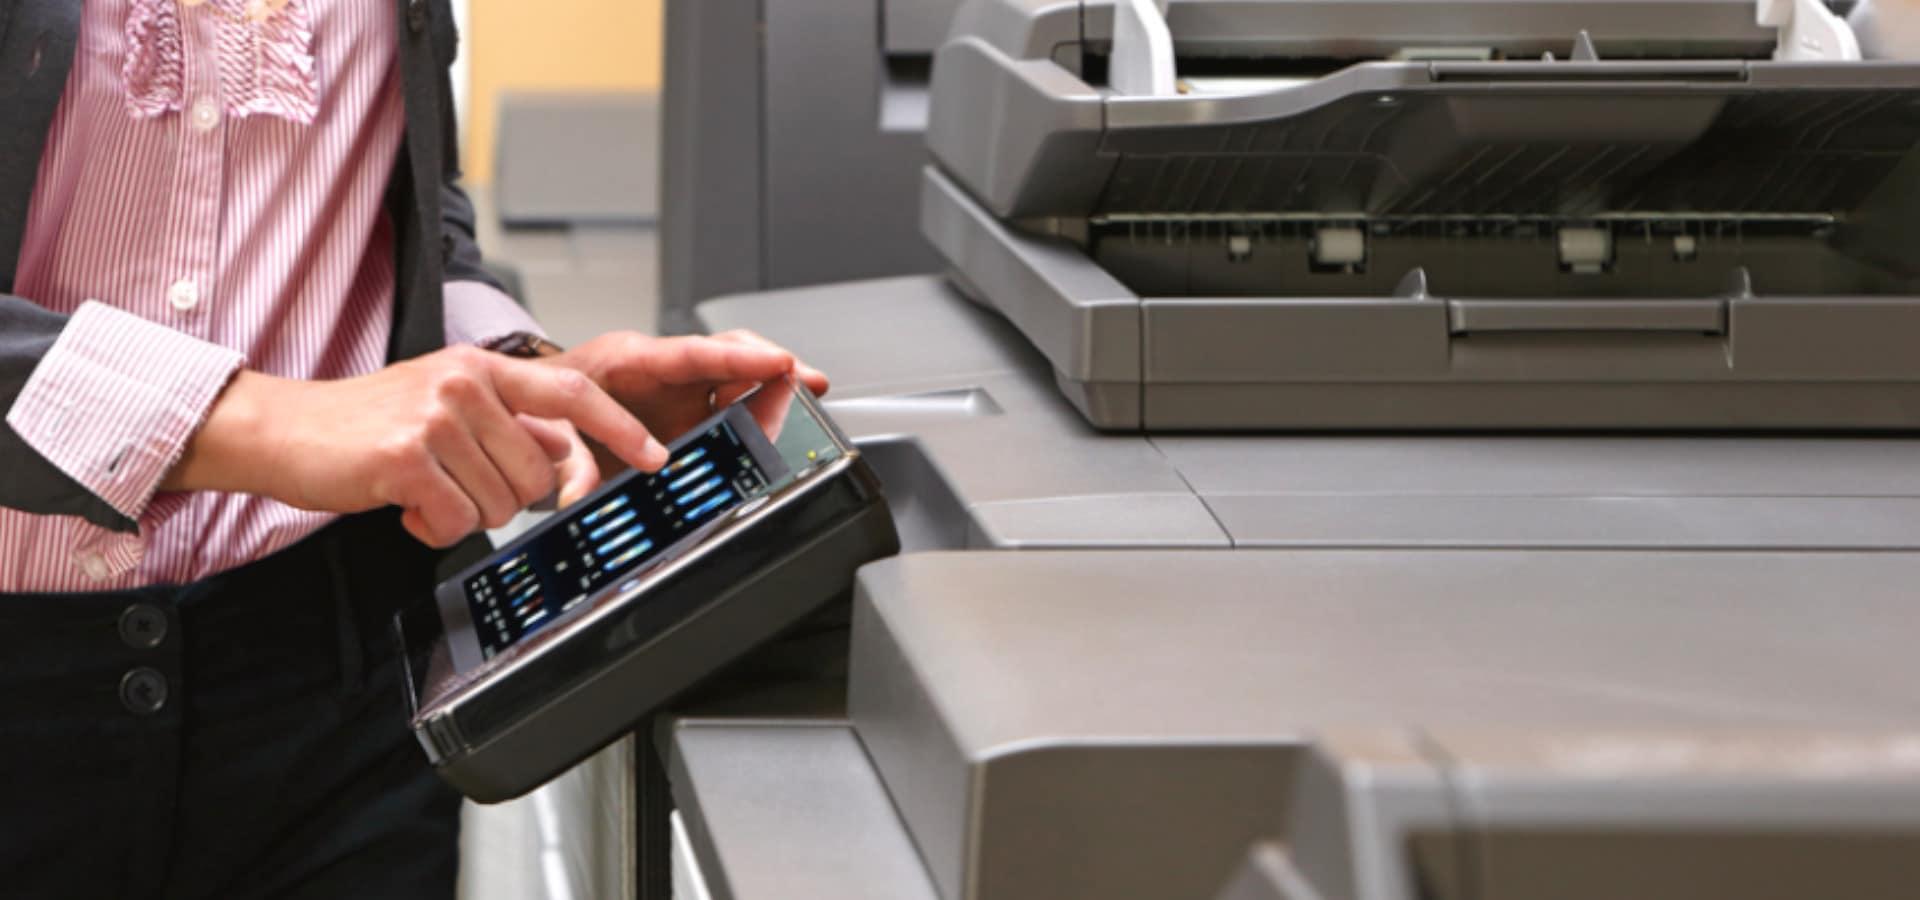 Kopierer kaufen | Kopierer mieten | Kopierer Leasing